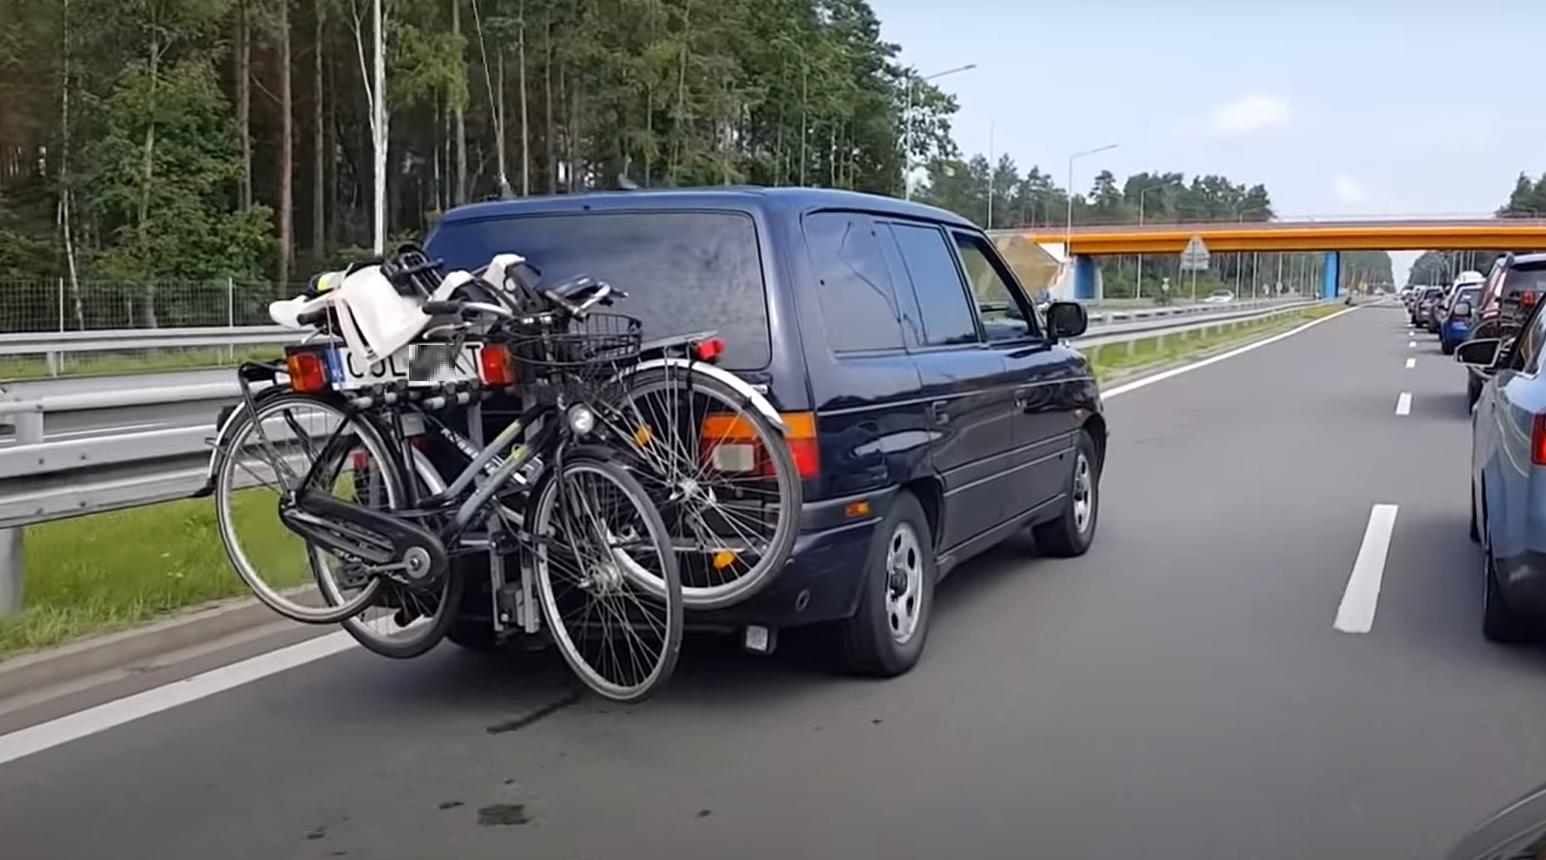 Szeryf drogowy wydłużył korek